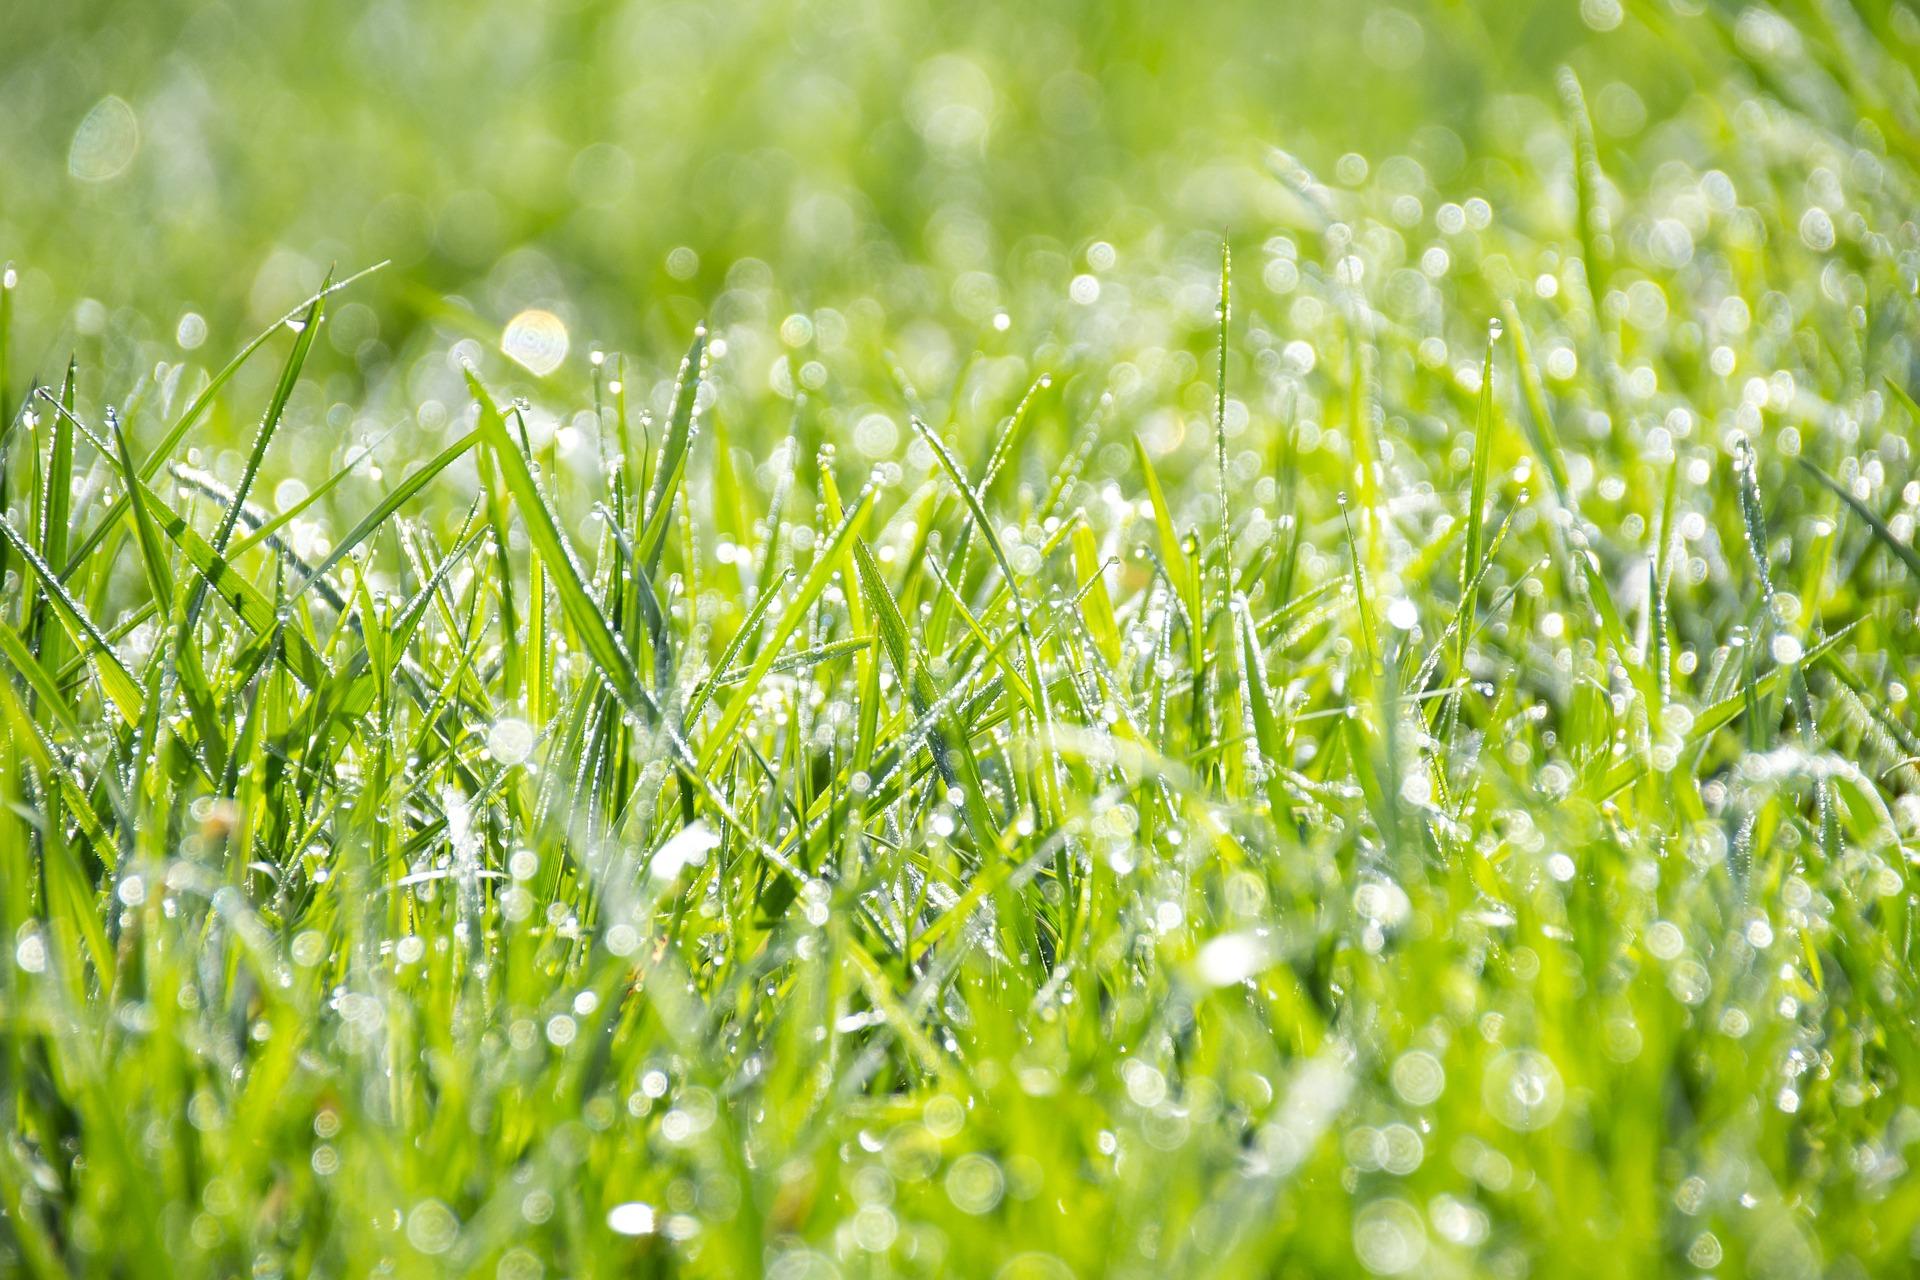 grass-1326759_1920